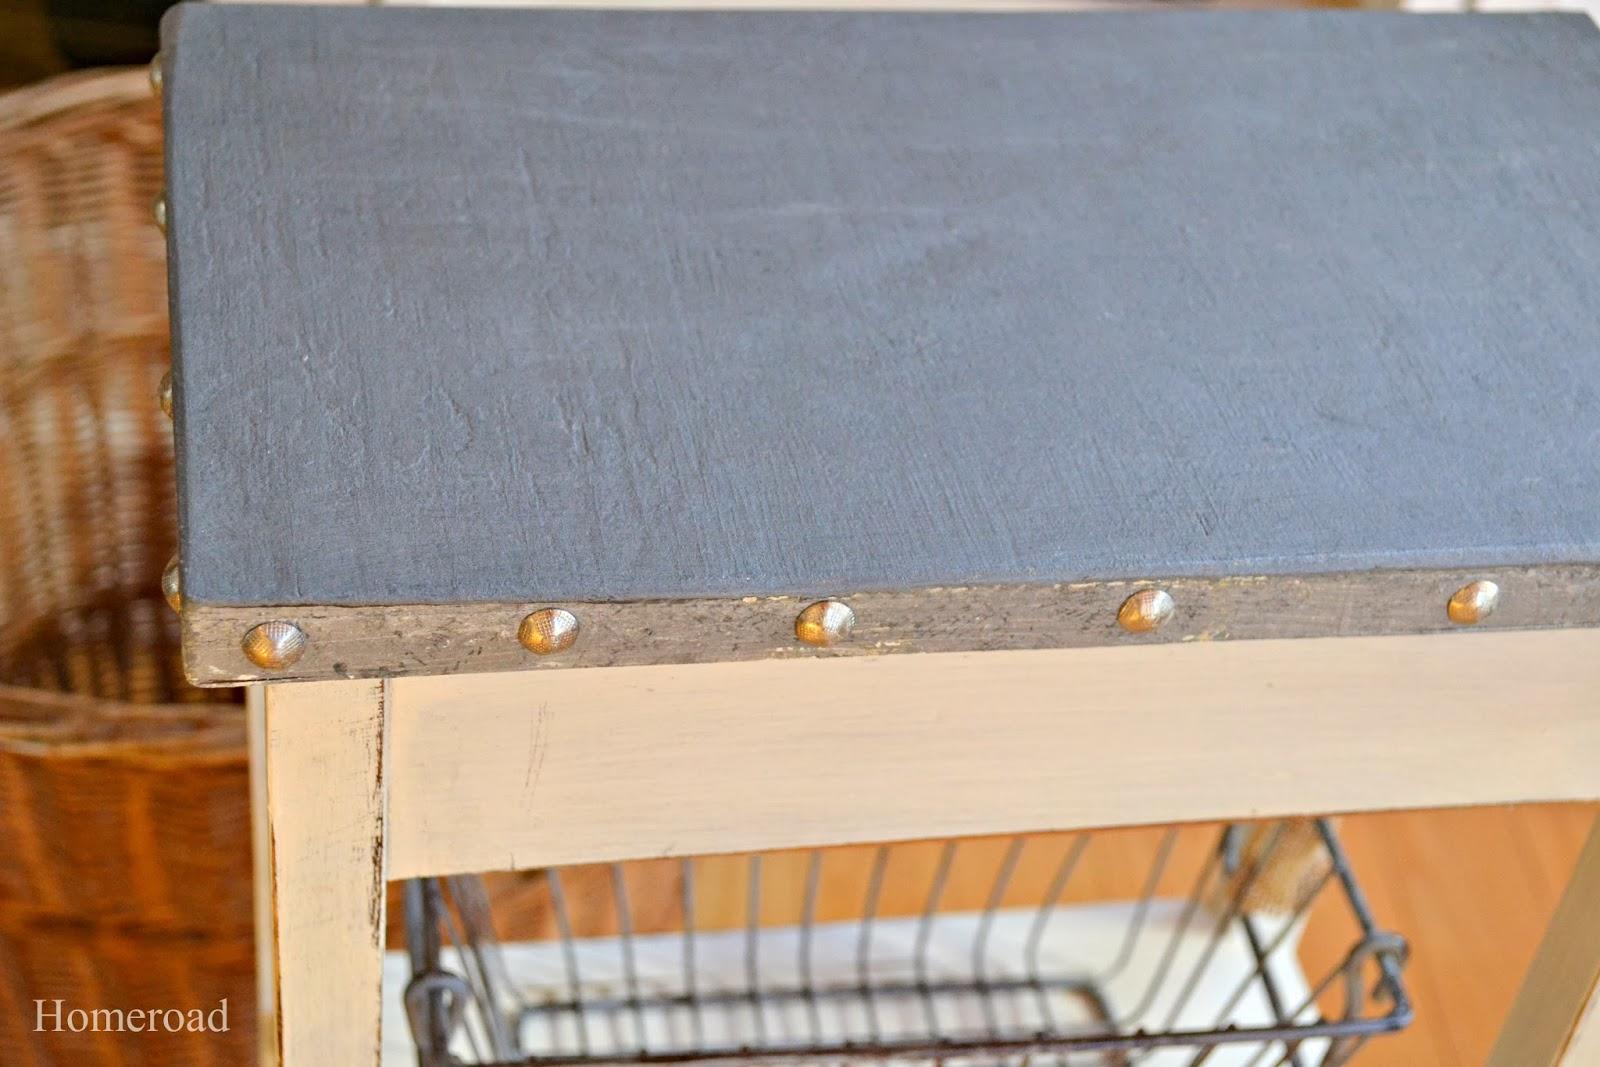 galvanized steel paint treatment www.homeroad.net